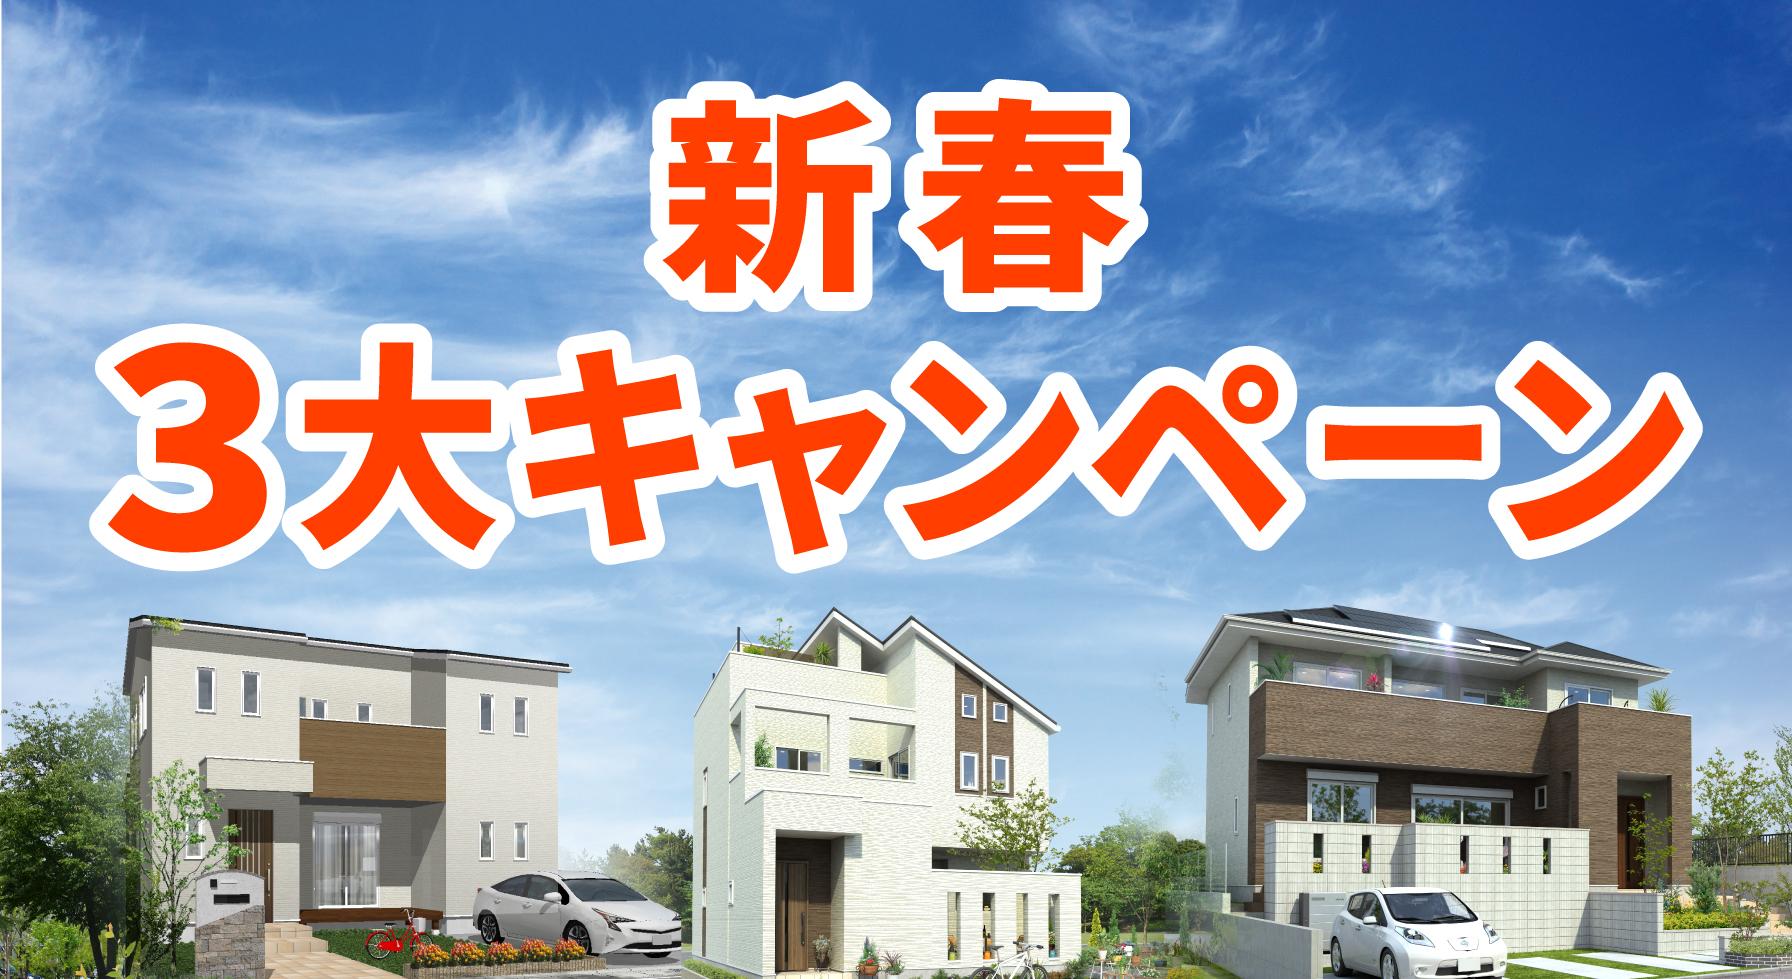 2019年新春3大キャンペーン